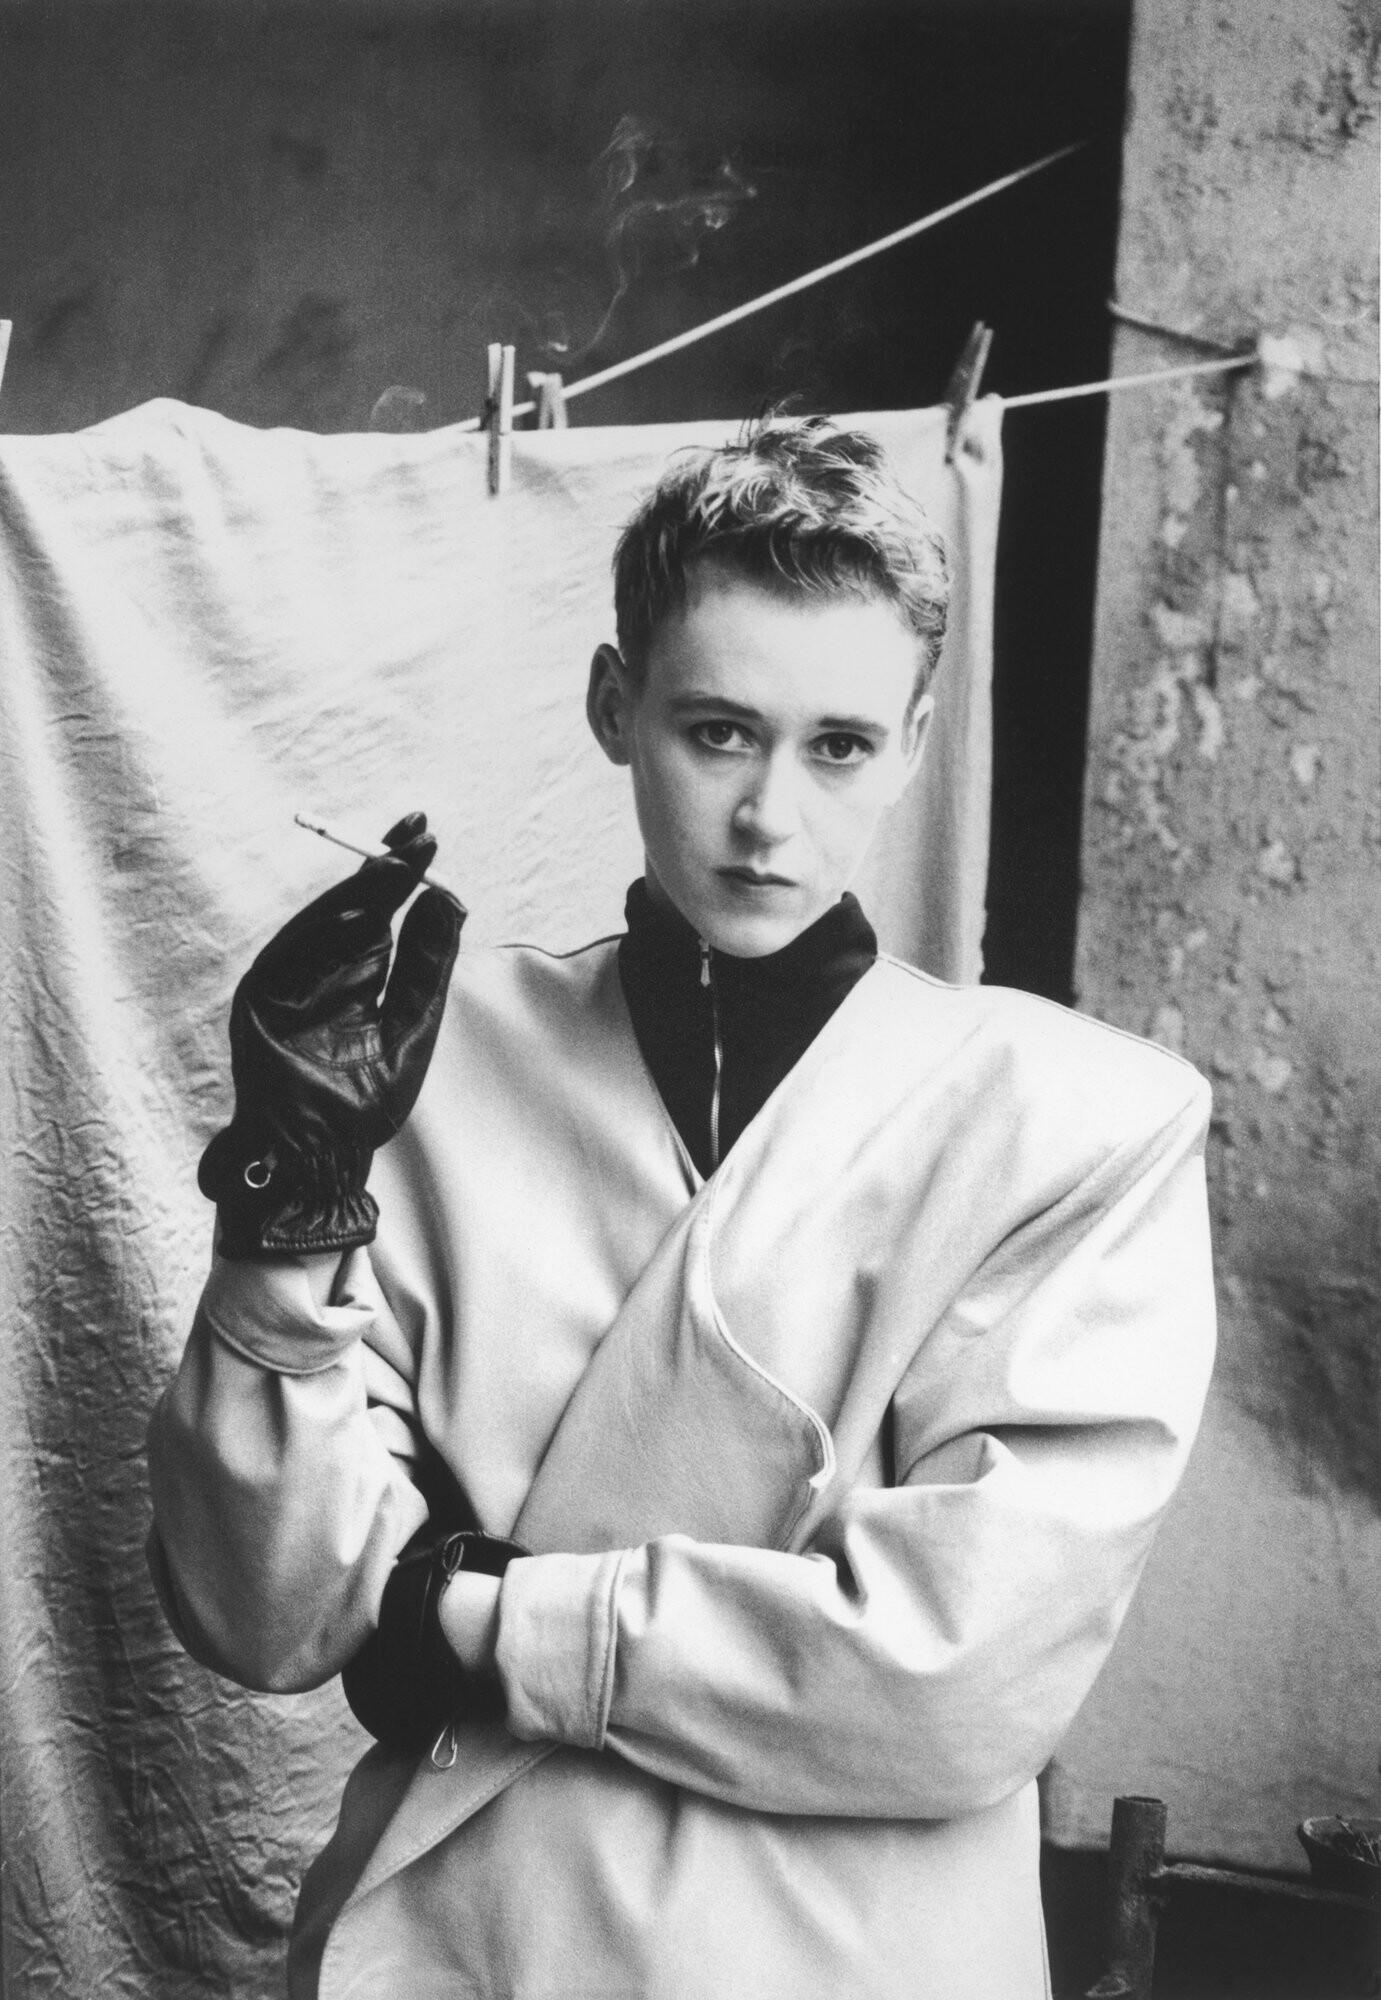 Фрида, независимая группа дизайнеров одежды, модная фотография, Берлин, 1988 год. Фотограф Сибилла Бергеман